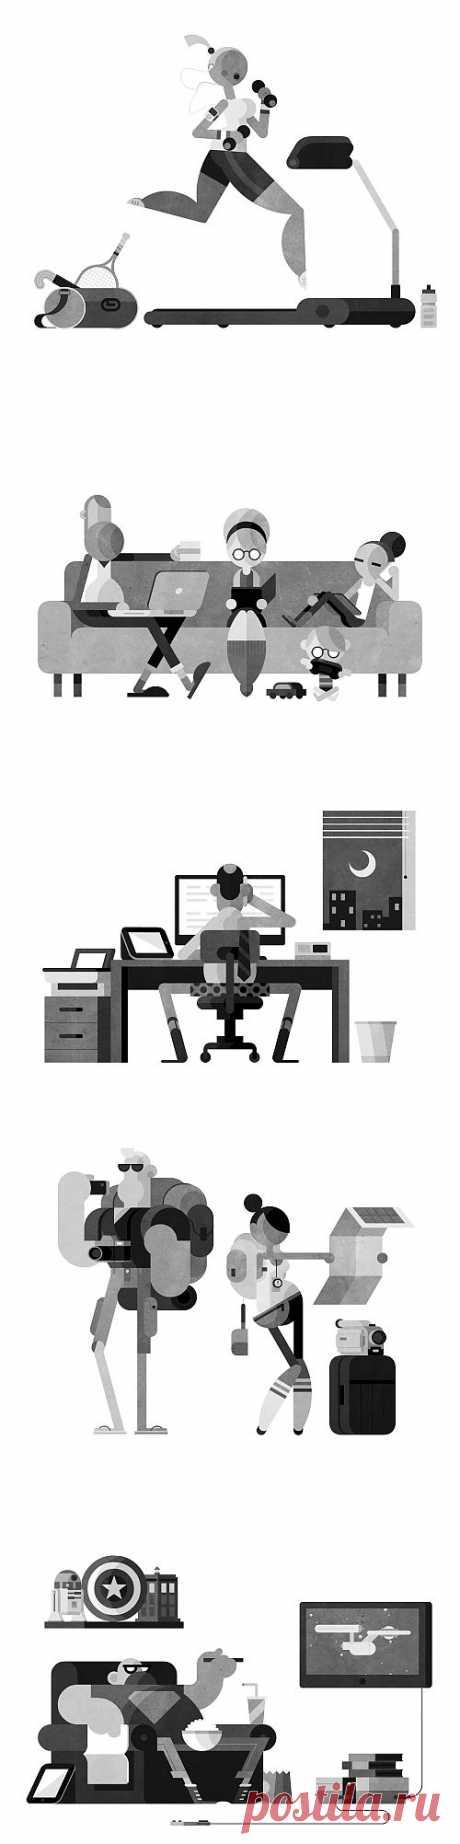 GIF анимация Робина Дэви - Графикон Арт